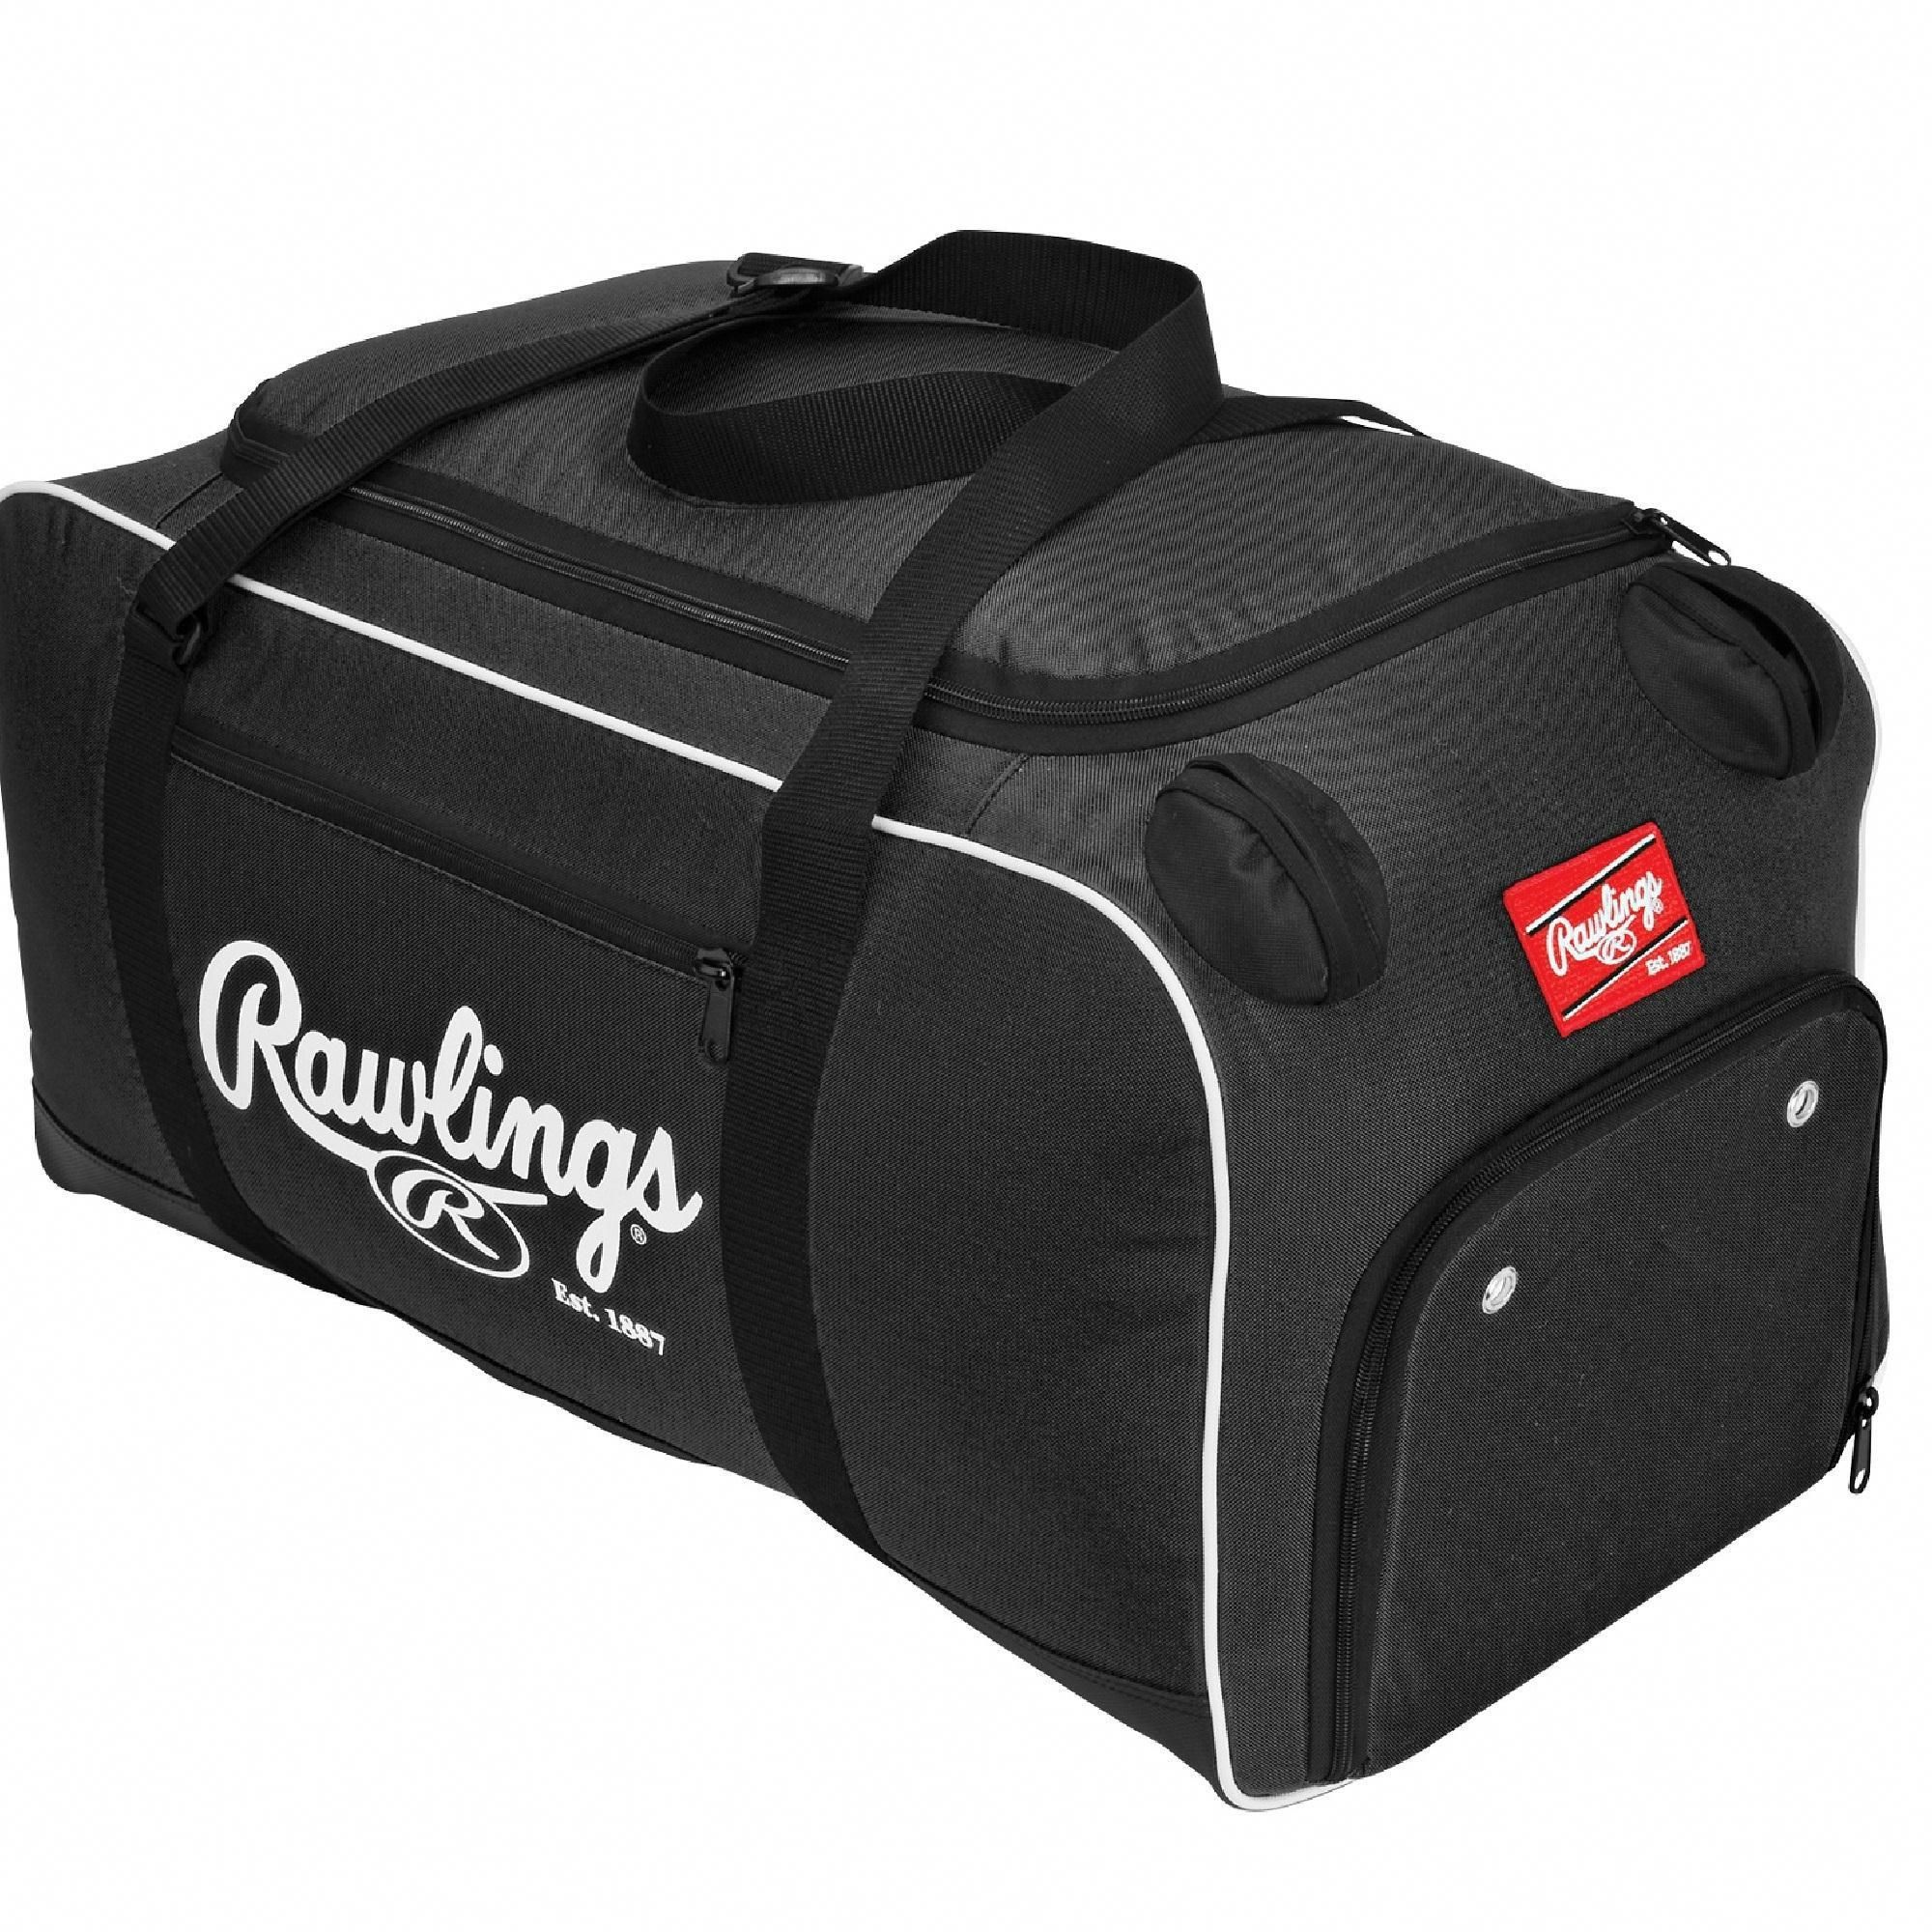 630d4a23c2 Rawlings Covert Baseball or Softball Bat Duffel Bag-Black  baseballbags